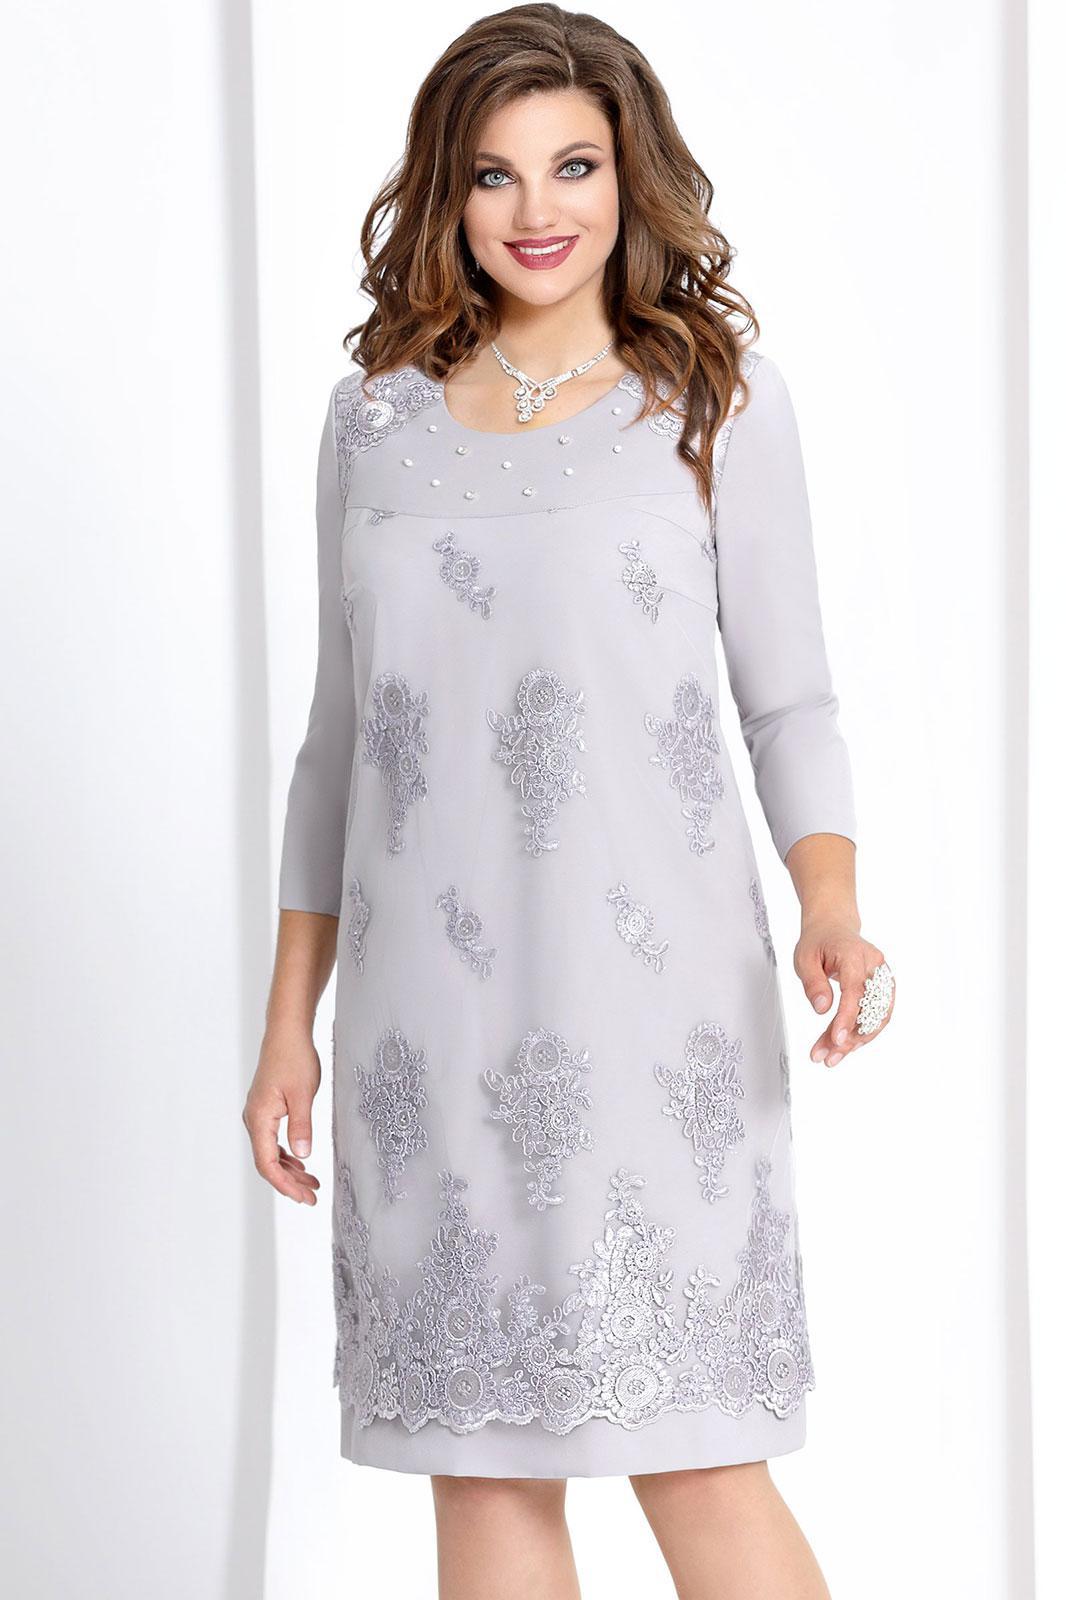 Купить Платье Vittoria Queen, 6603 светло-серый, Беларусь